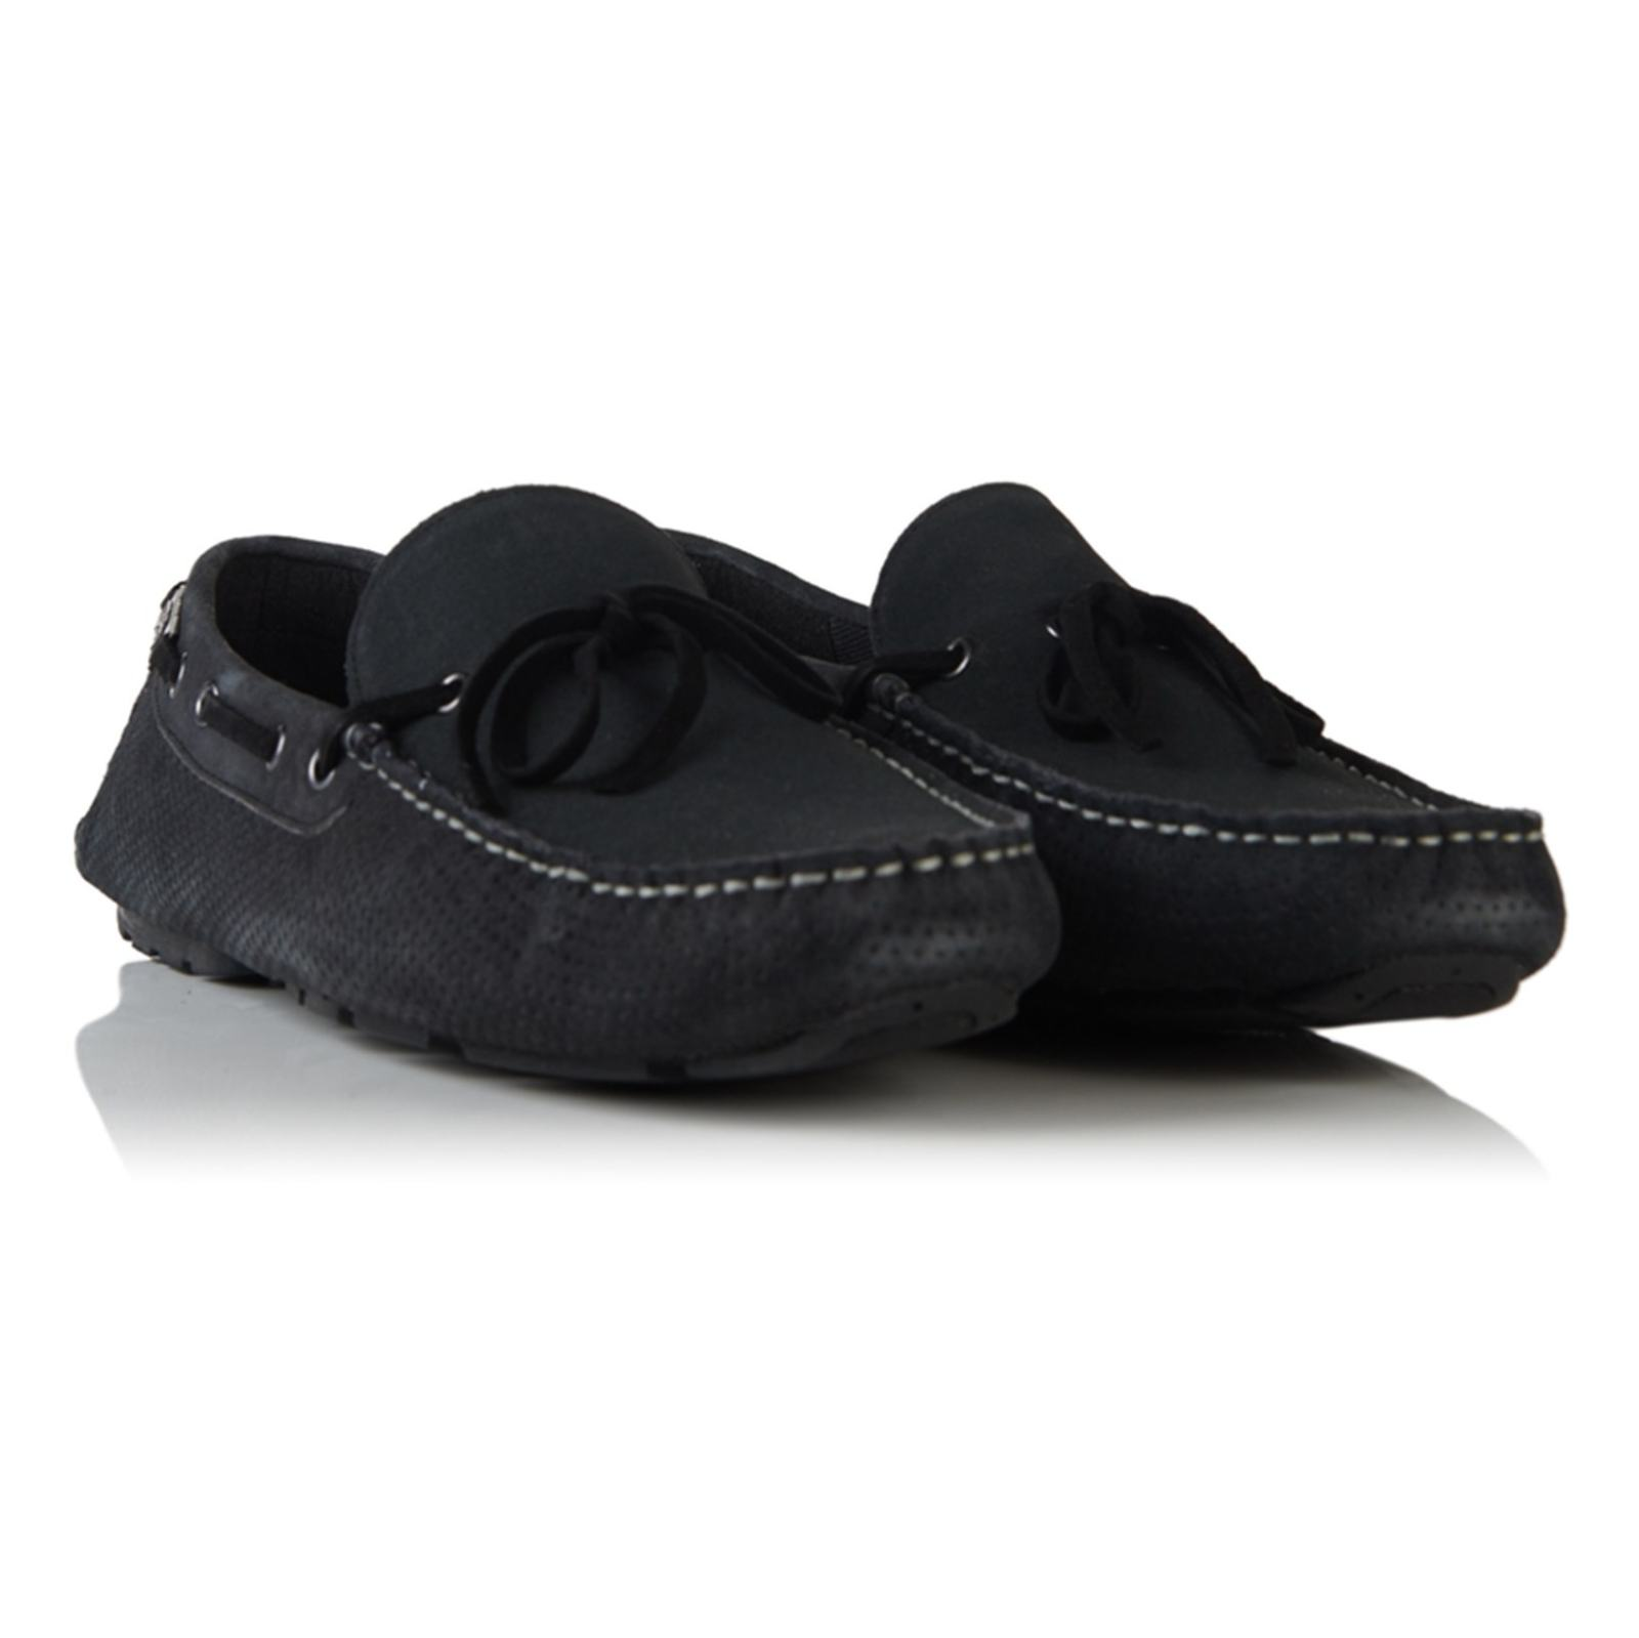 کفش راحتی چرم مردانه Driver - سوپردرای - زغالي - 8